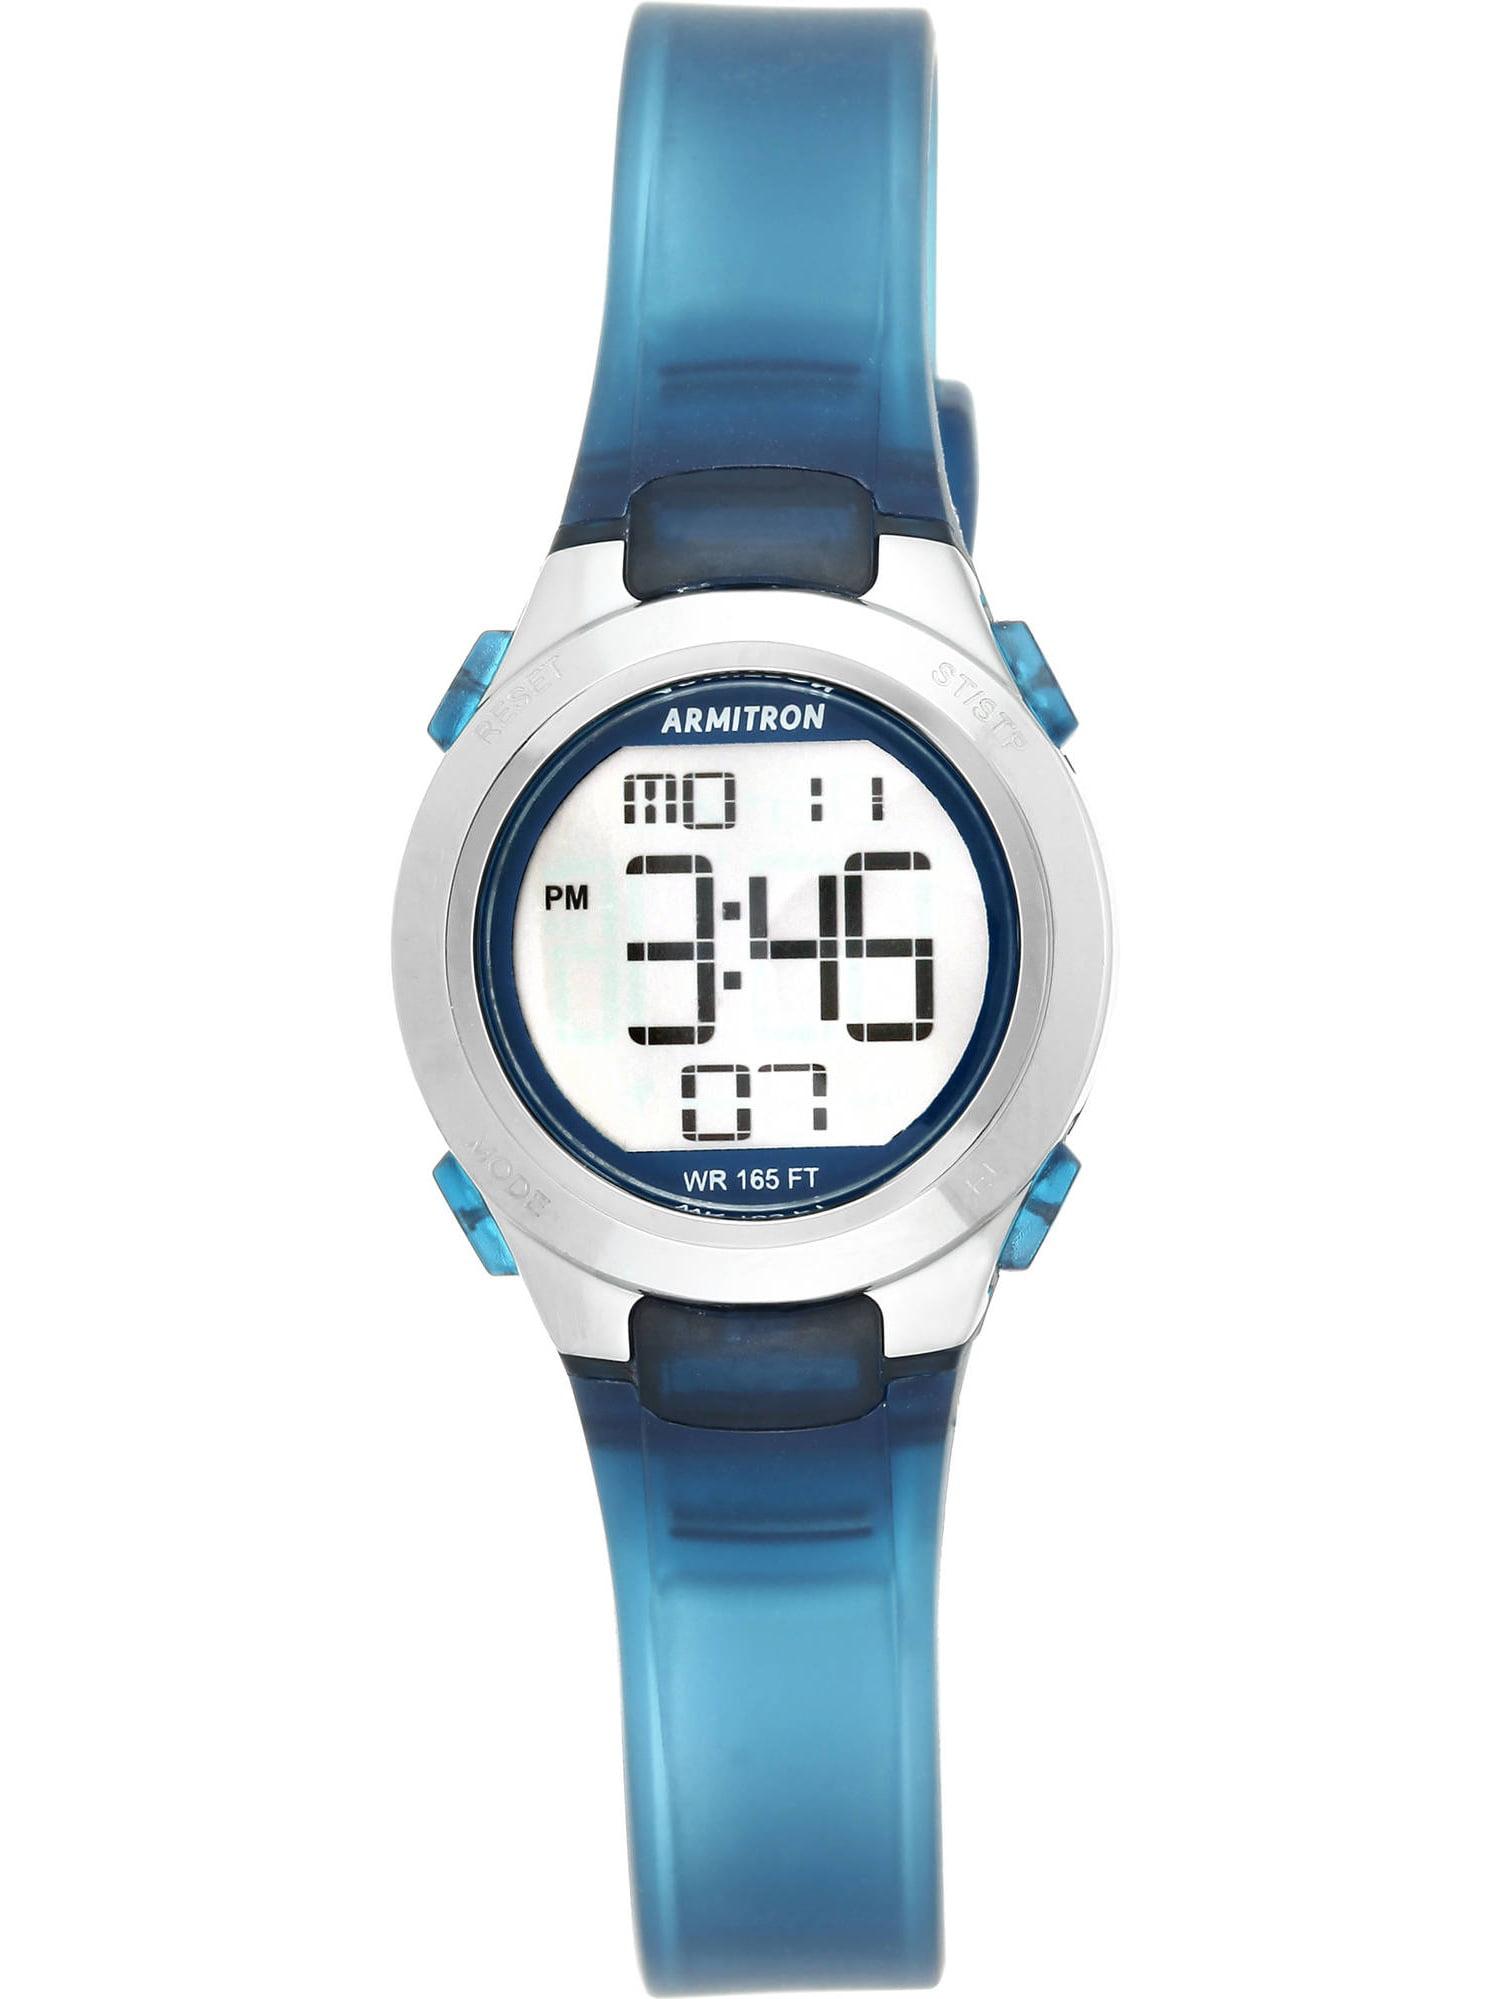 Armitron Round Sport Watch, Navy Blue